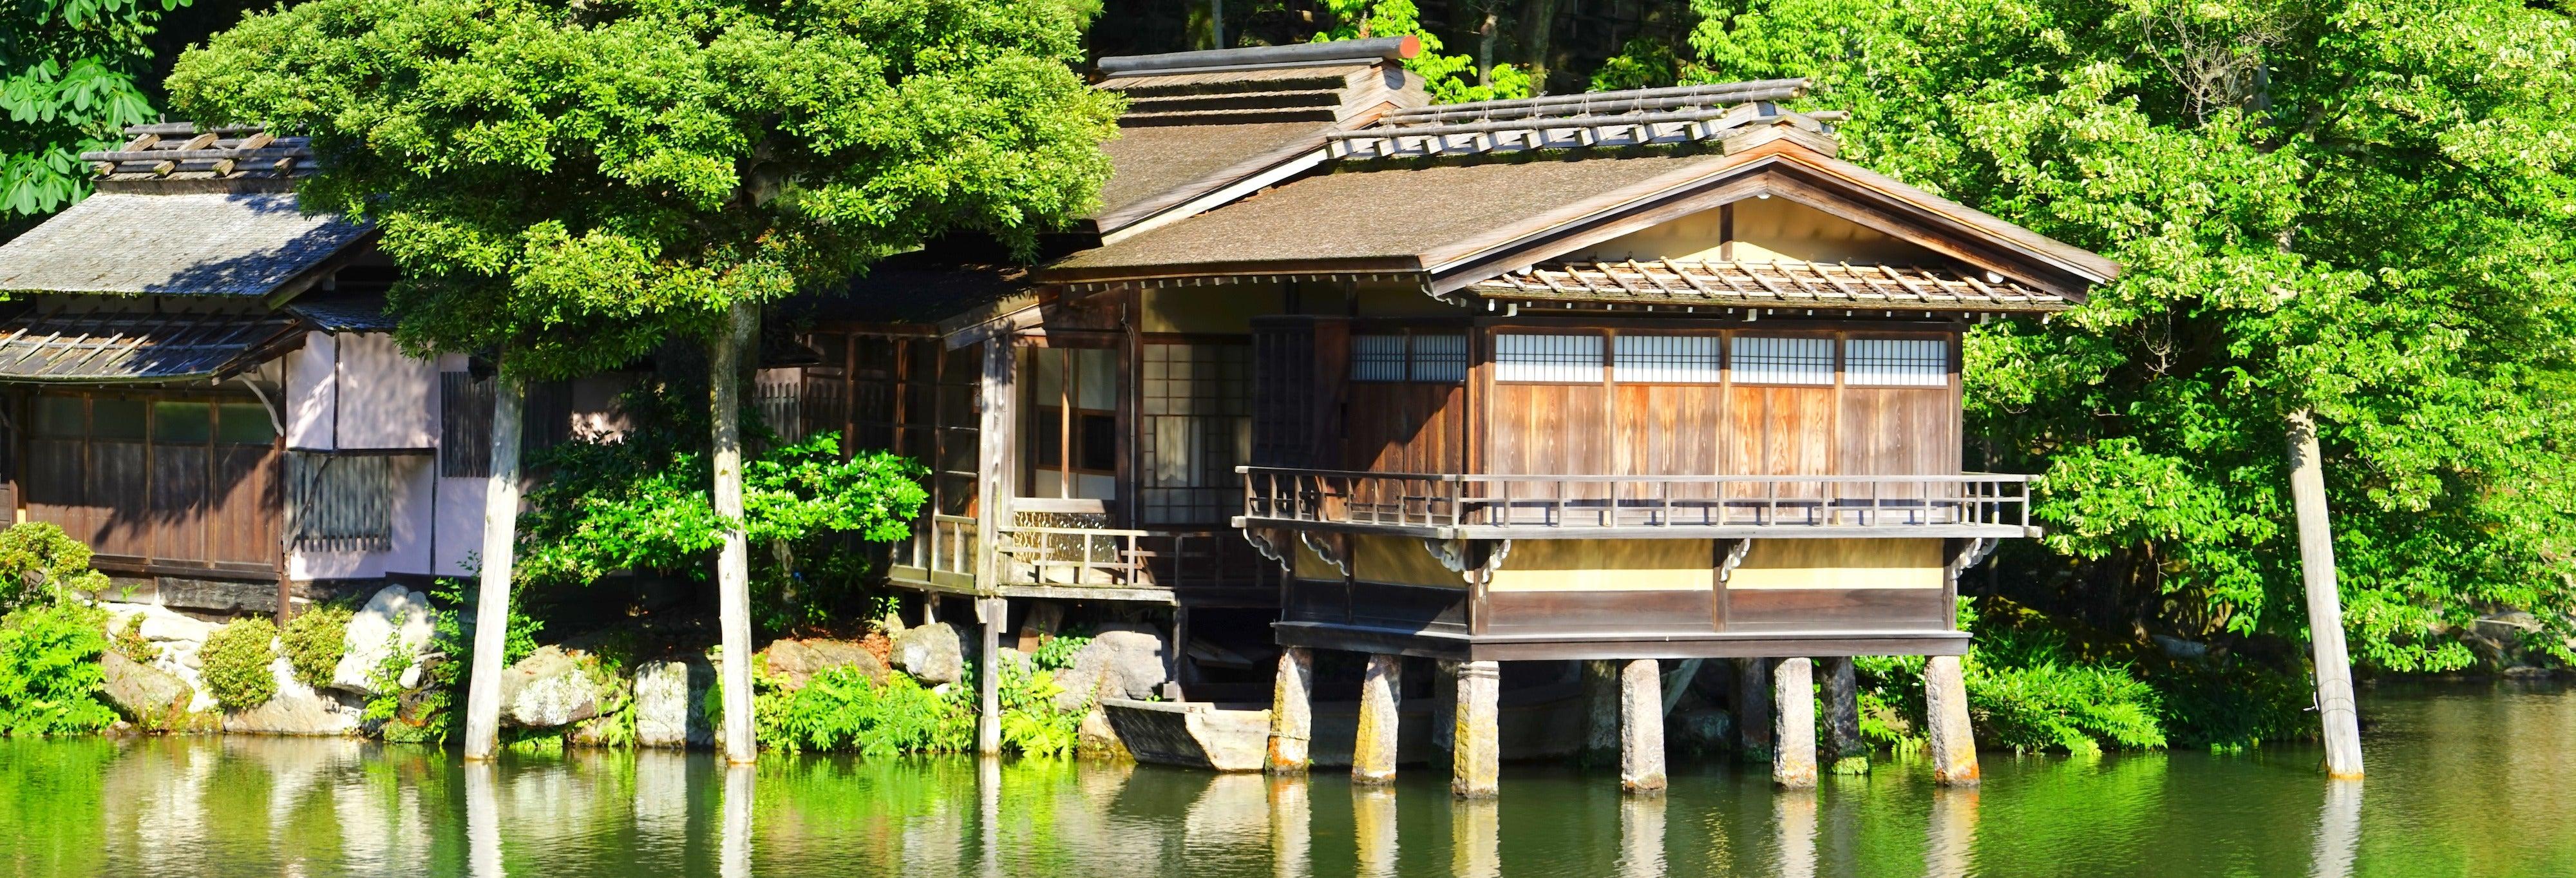 Kanazawa Walking Tour